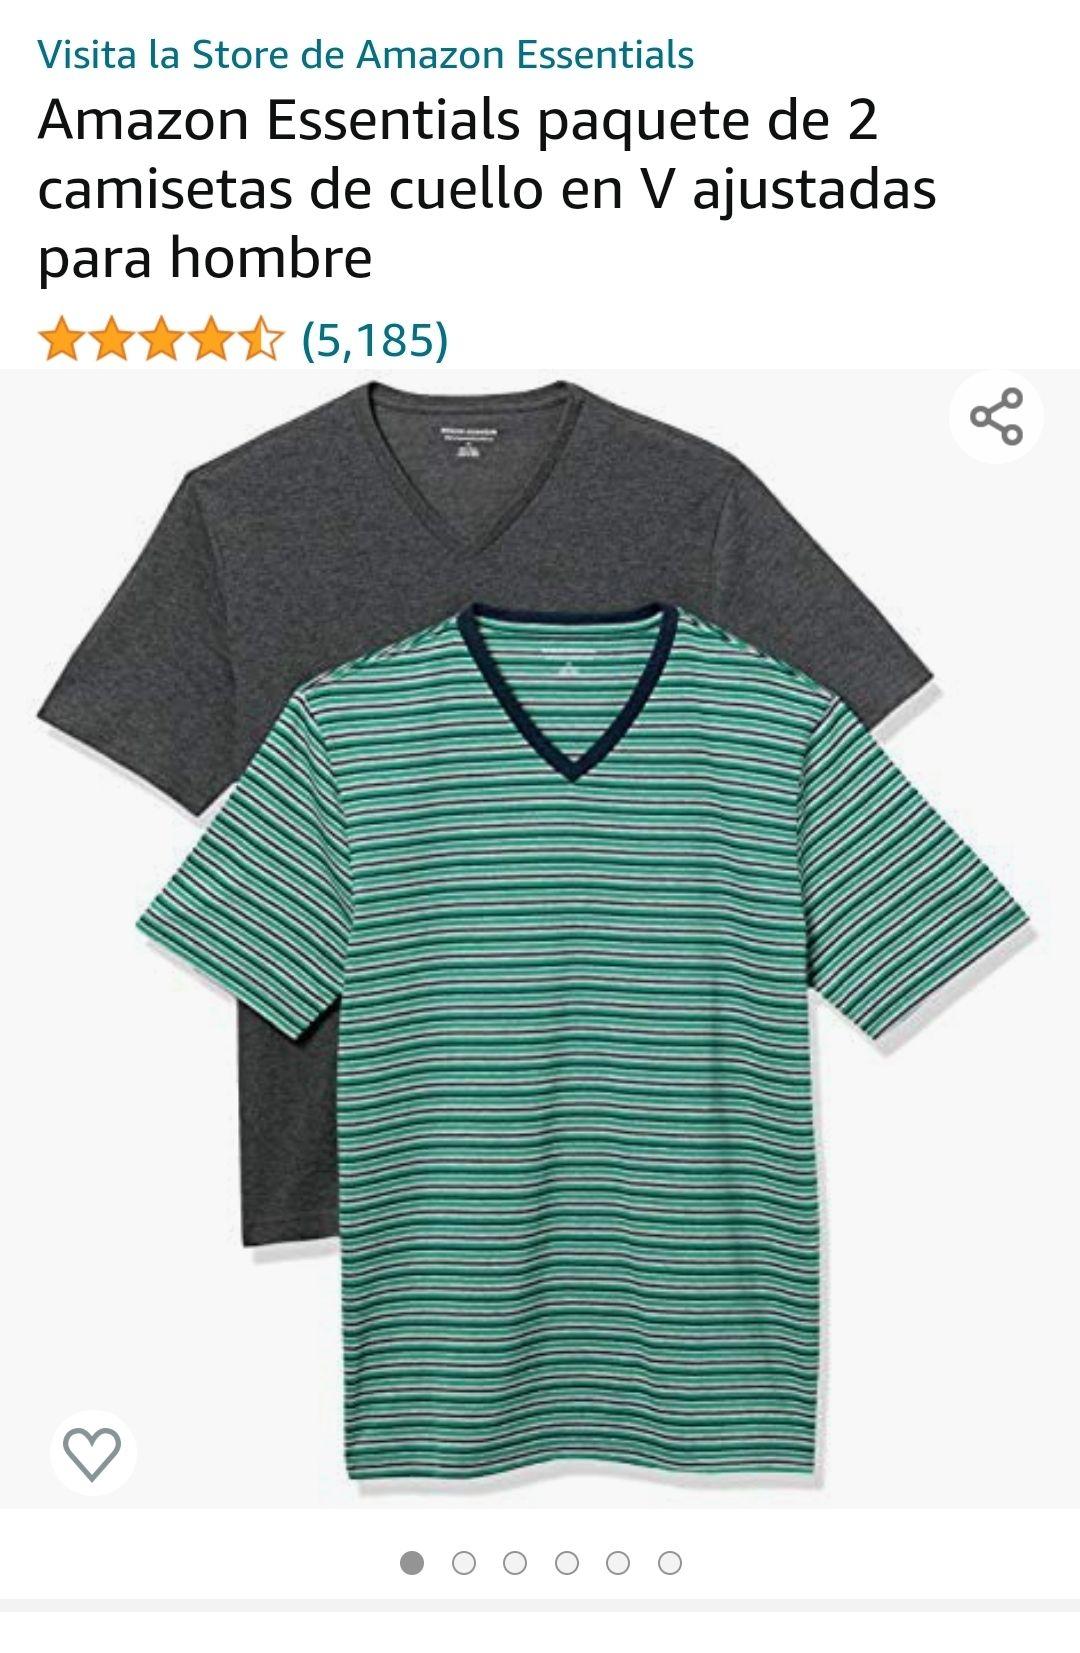 Amazon Essentials paquete de 2 camisetas cuello en V